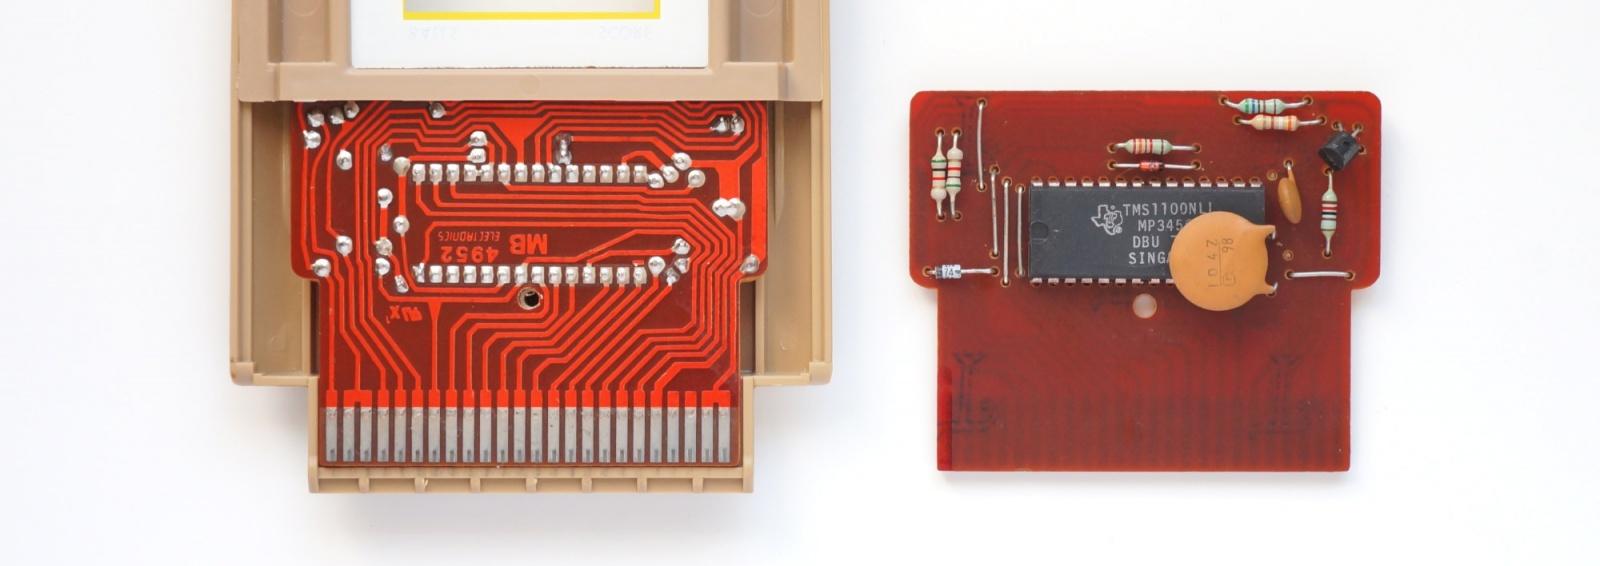 Ретро-разработка для первой портативной консоли из далекого 1979 года - 7